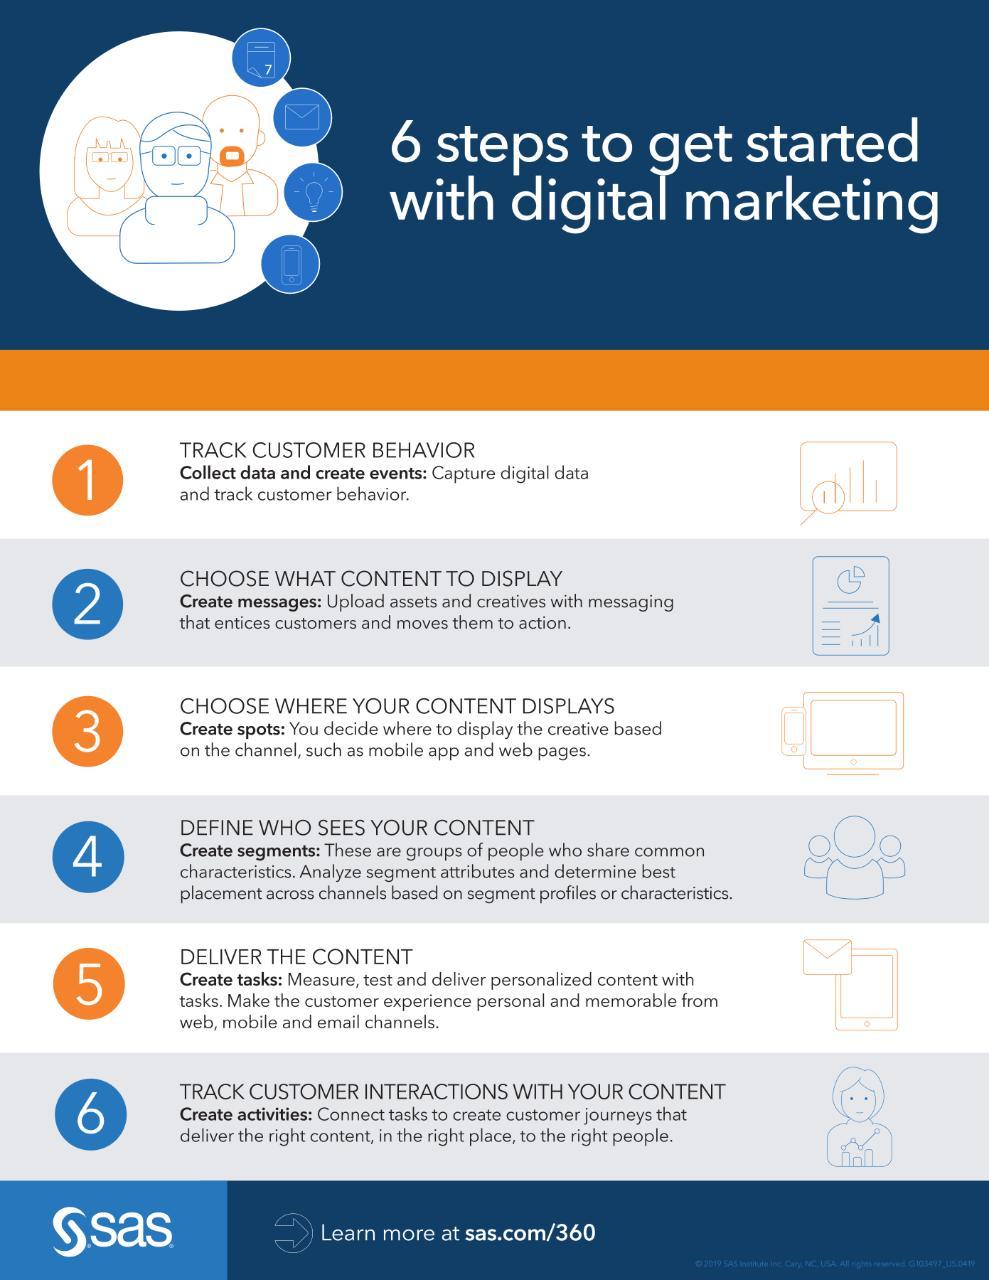 Инфо-графика шести шагов для начала работы с цифровым маркетингом